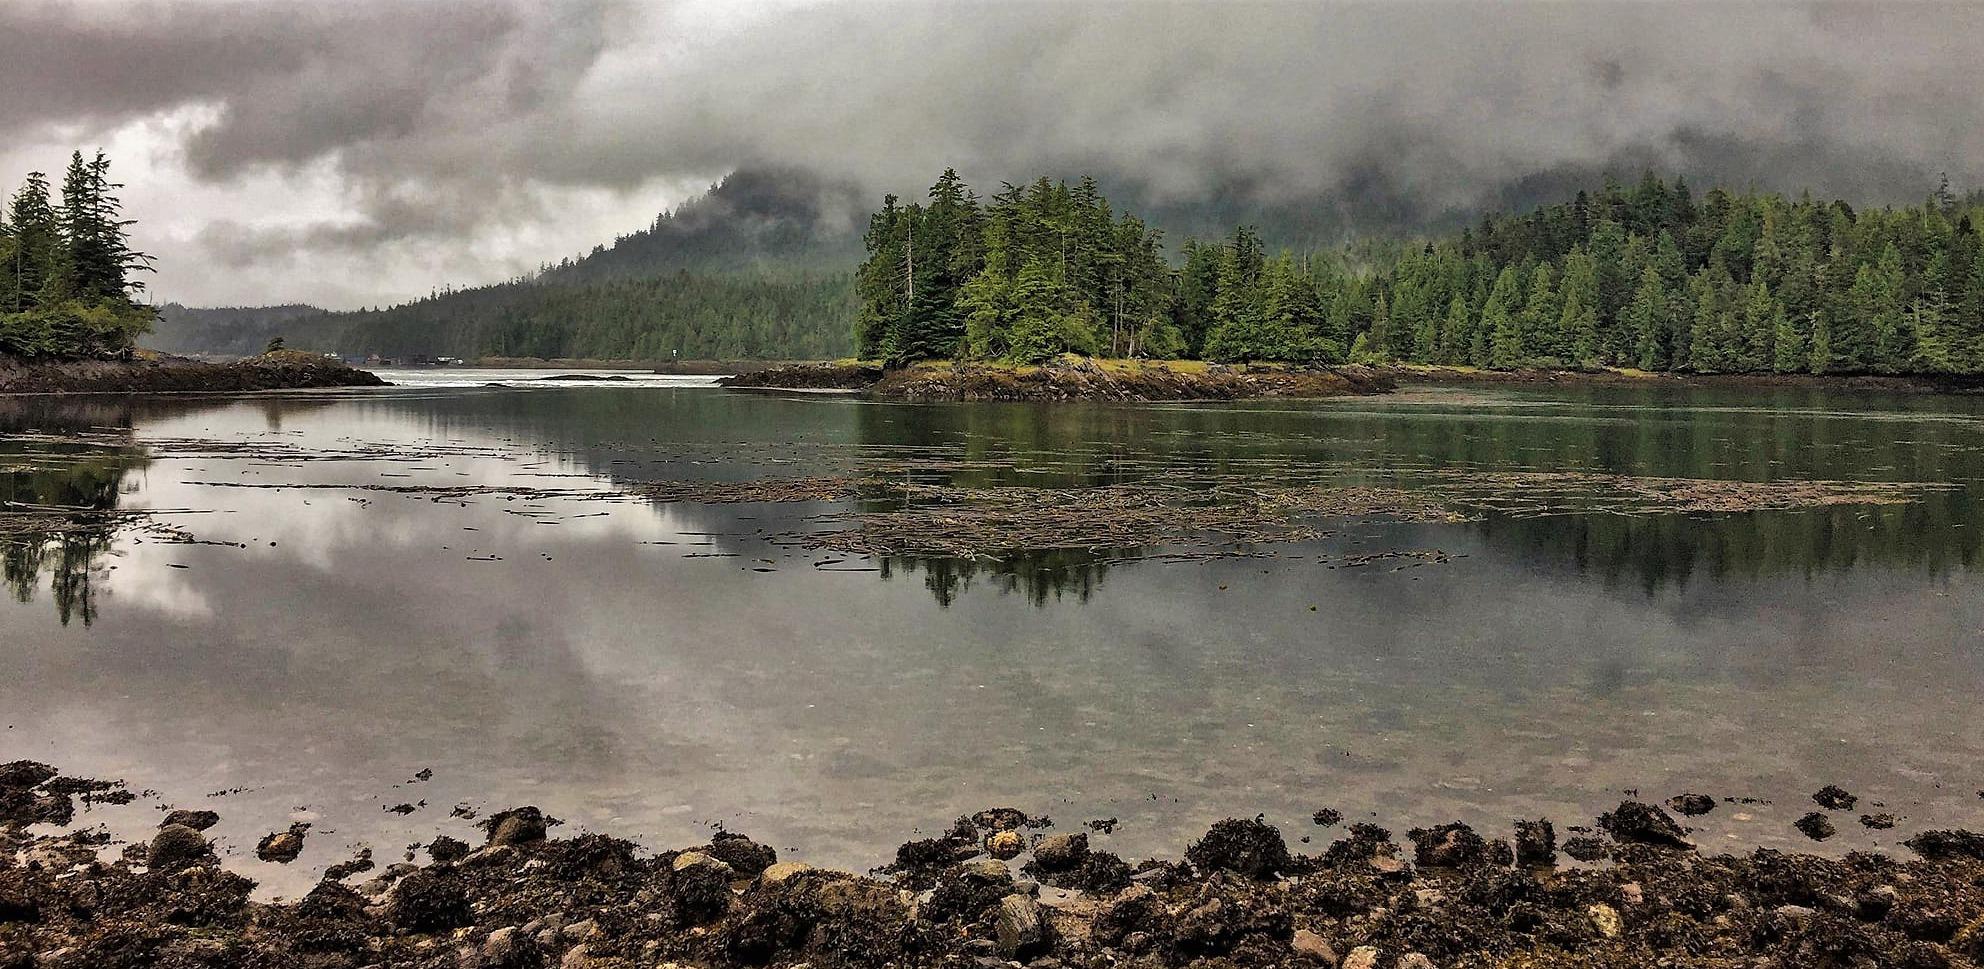 Lac et forêt sous un ciel gris au sentier Butze Rapids